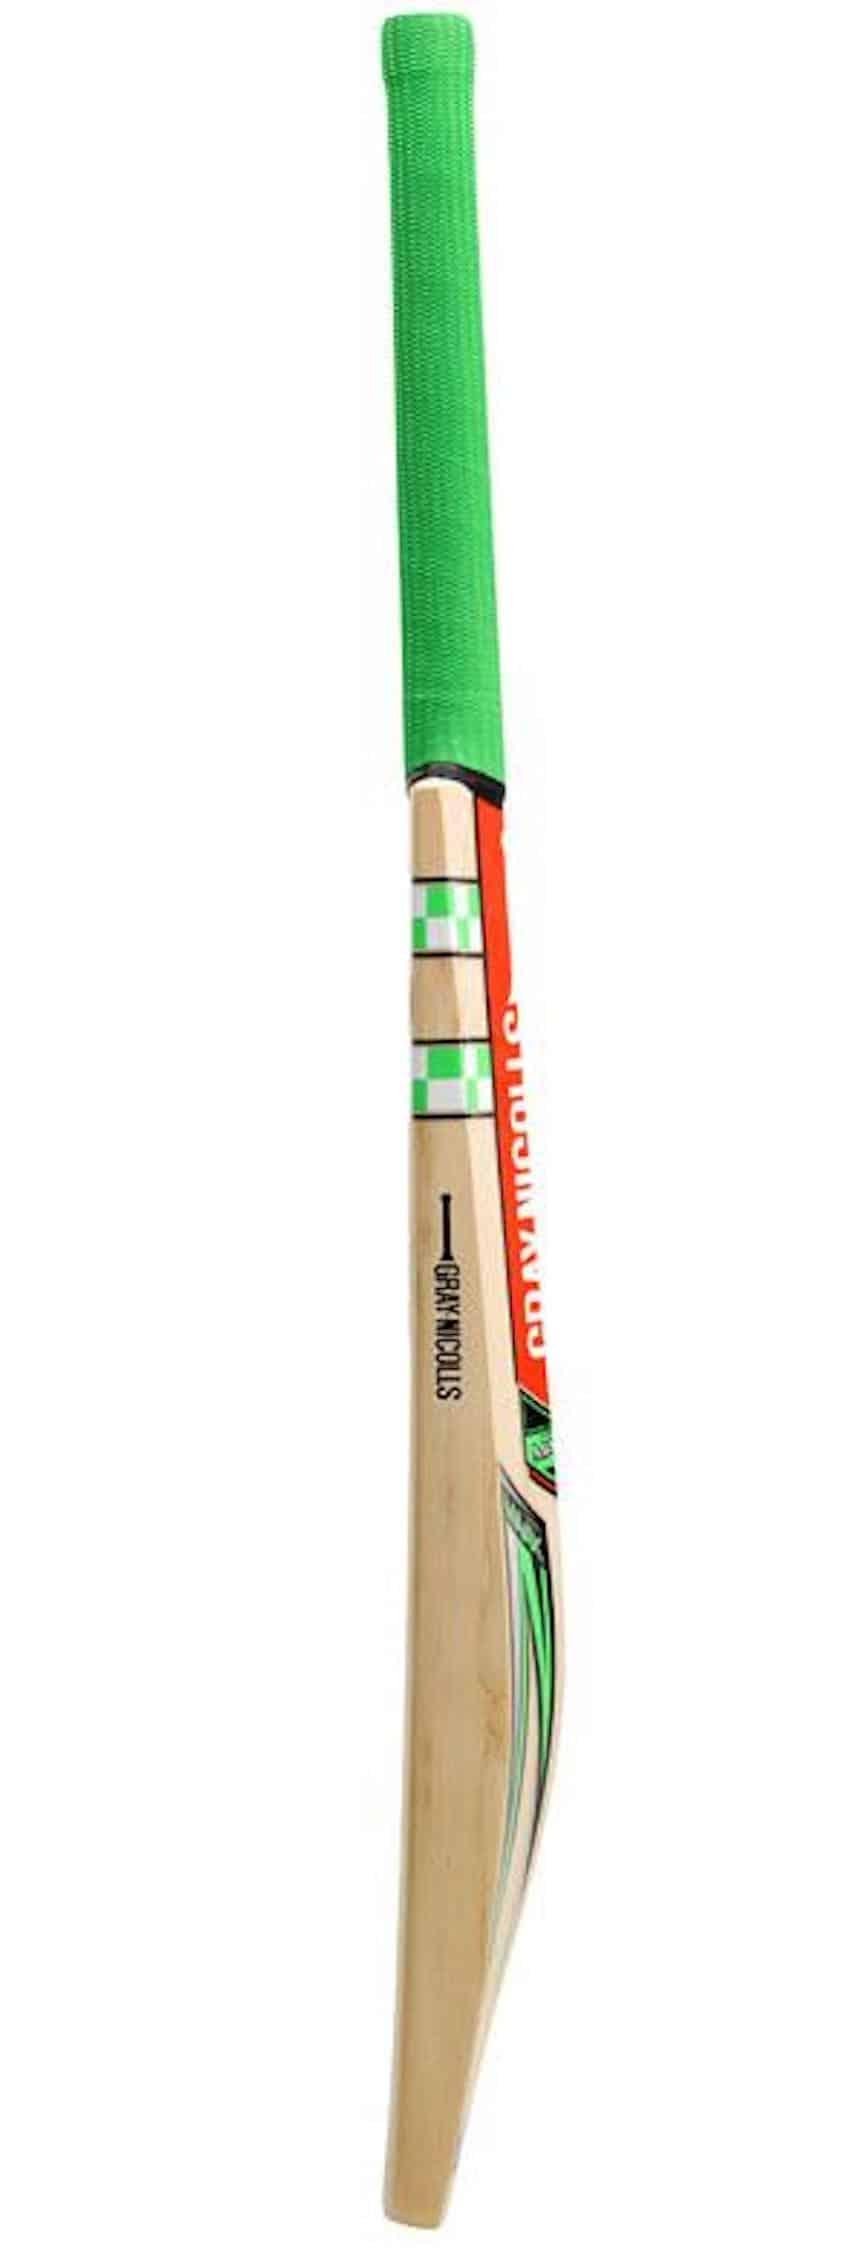 Gray Nicolls Maax 750 Cricket Bat Side